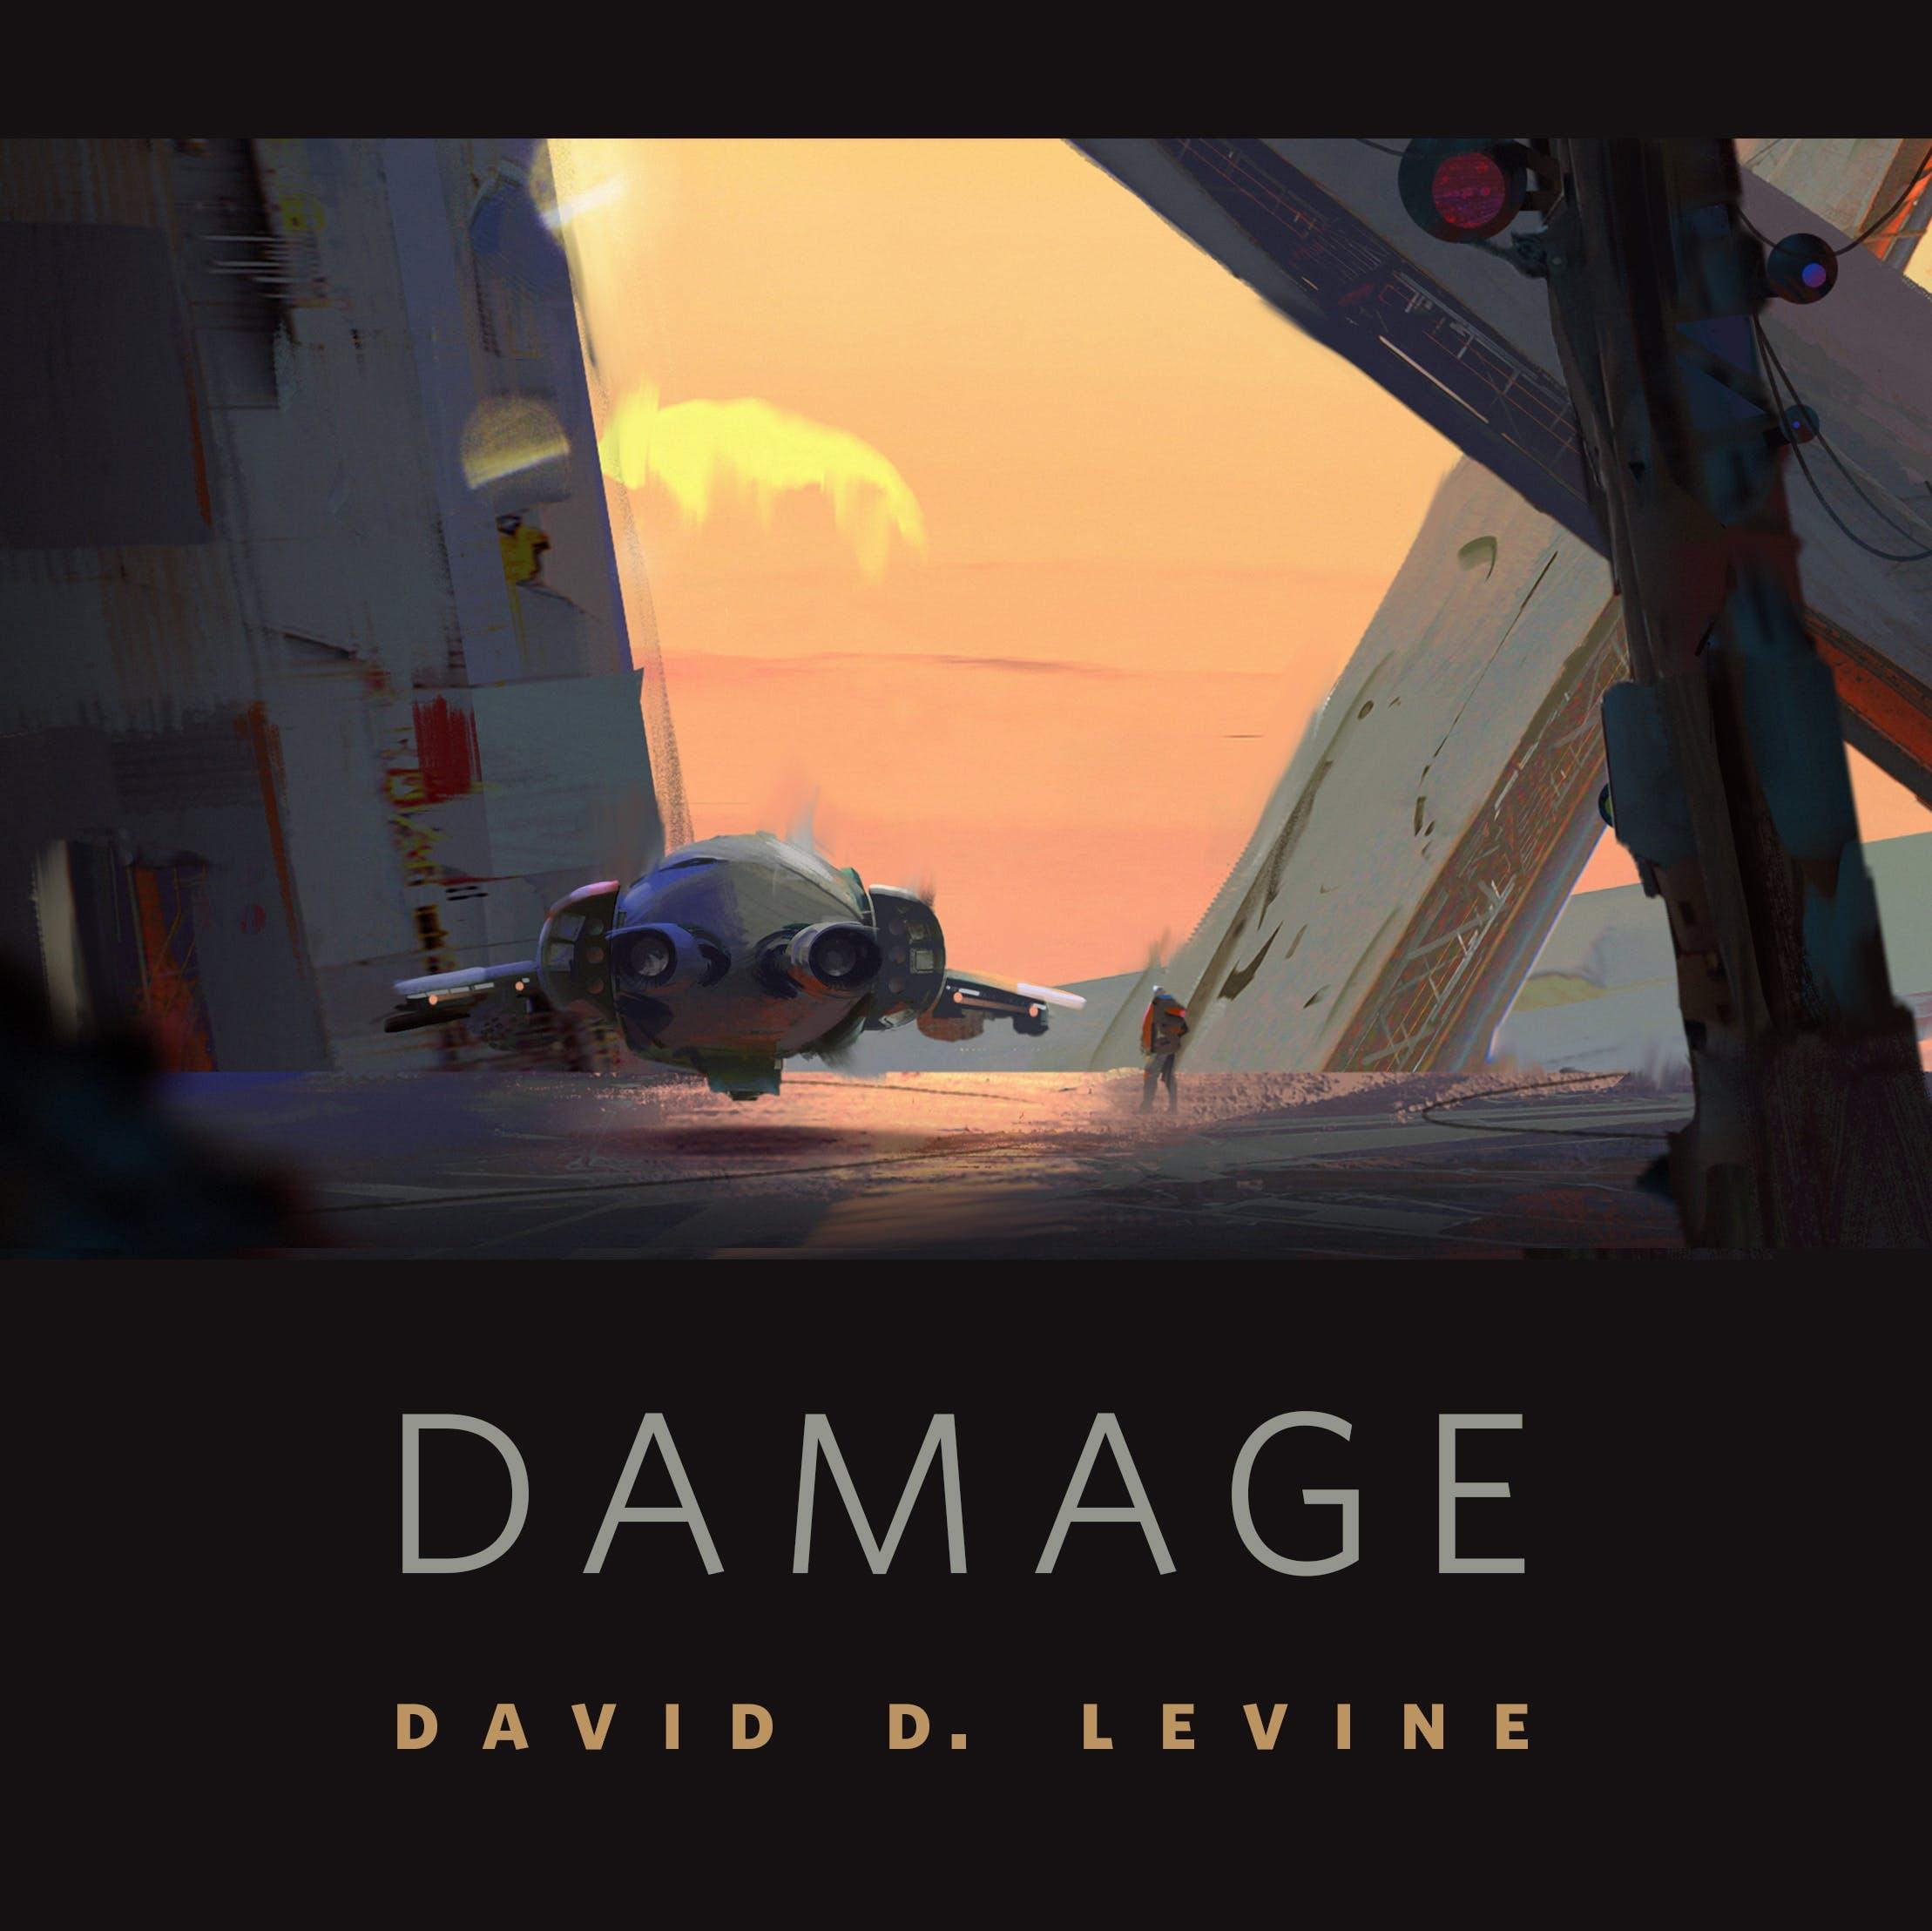 Image of Damage